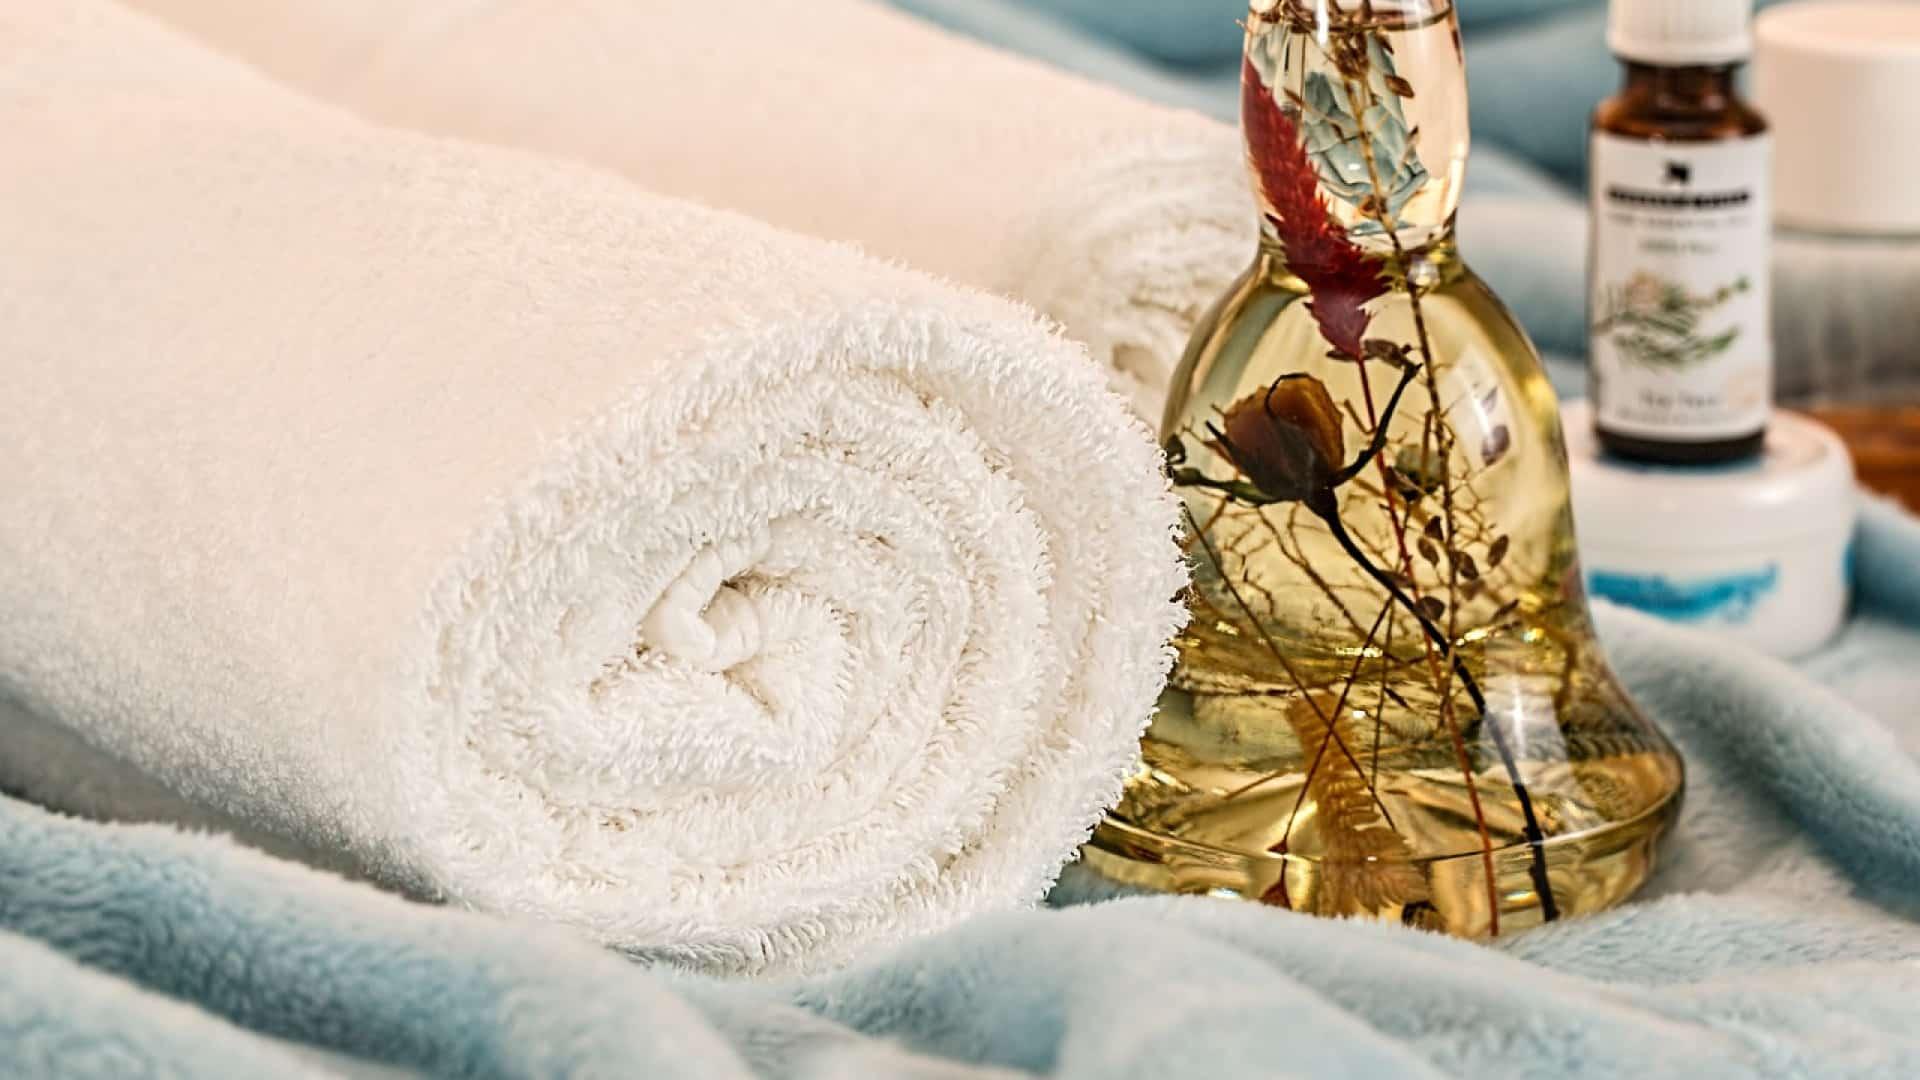 Installer un spa à la maison, c'est possible